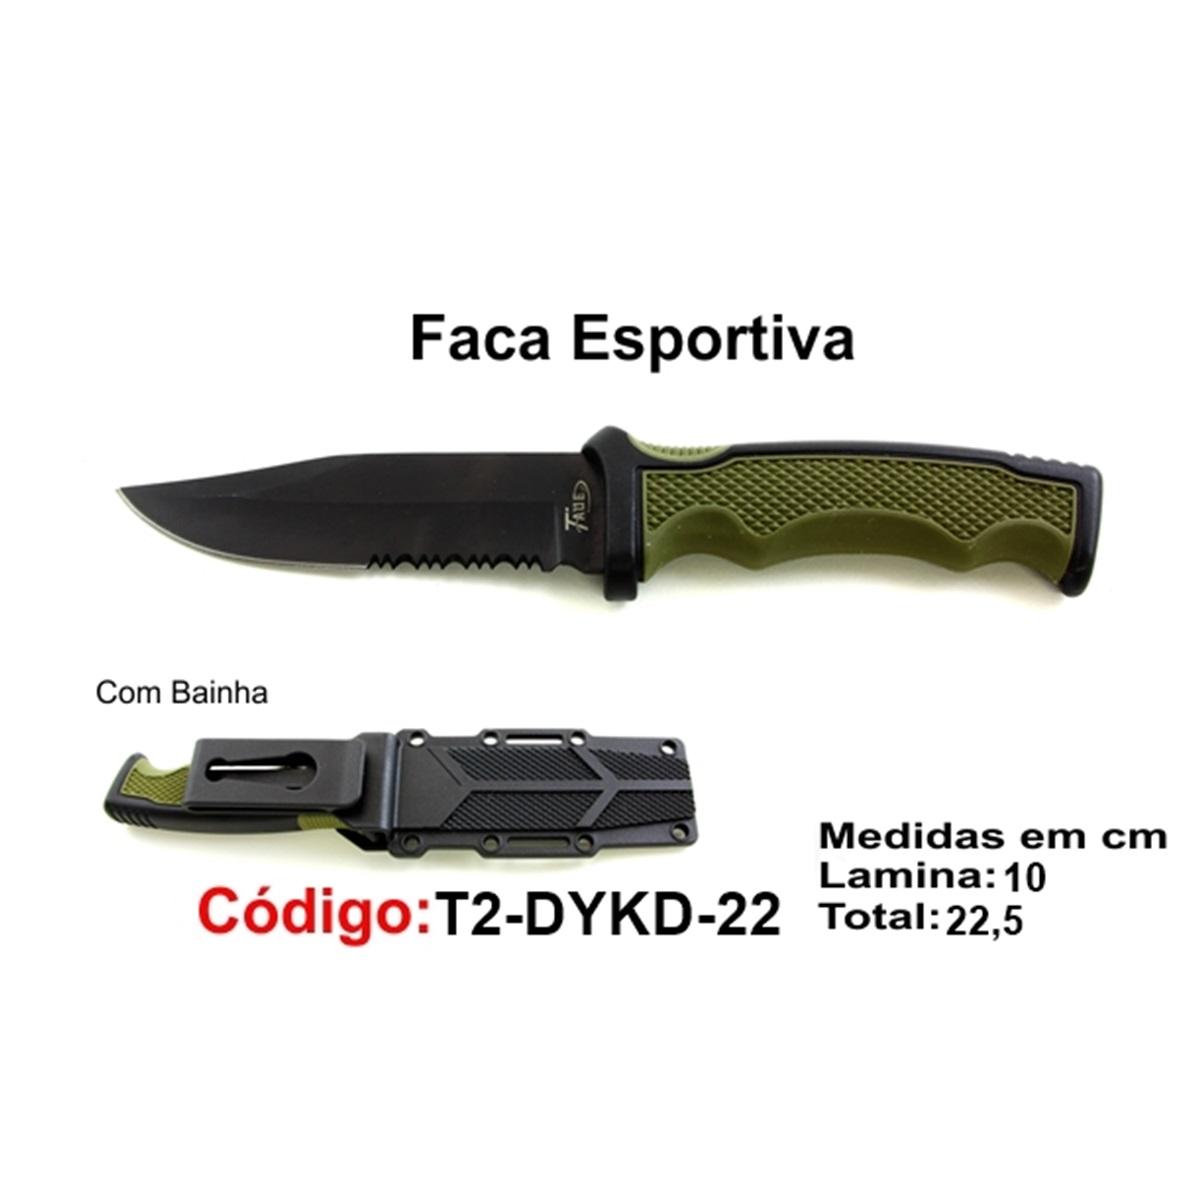 Faca Esportiva Com Bainha Rígida Modelo Caça Pesca Etc T2-DYKD-22